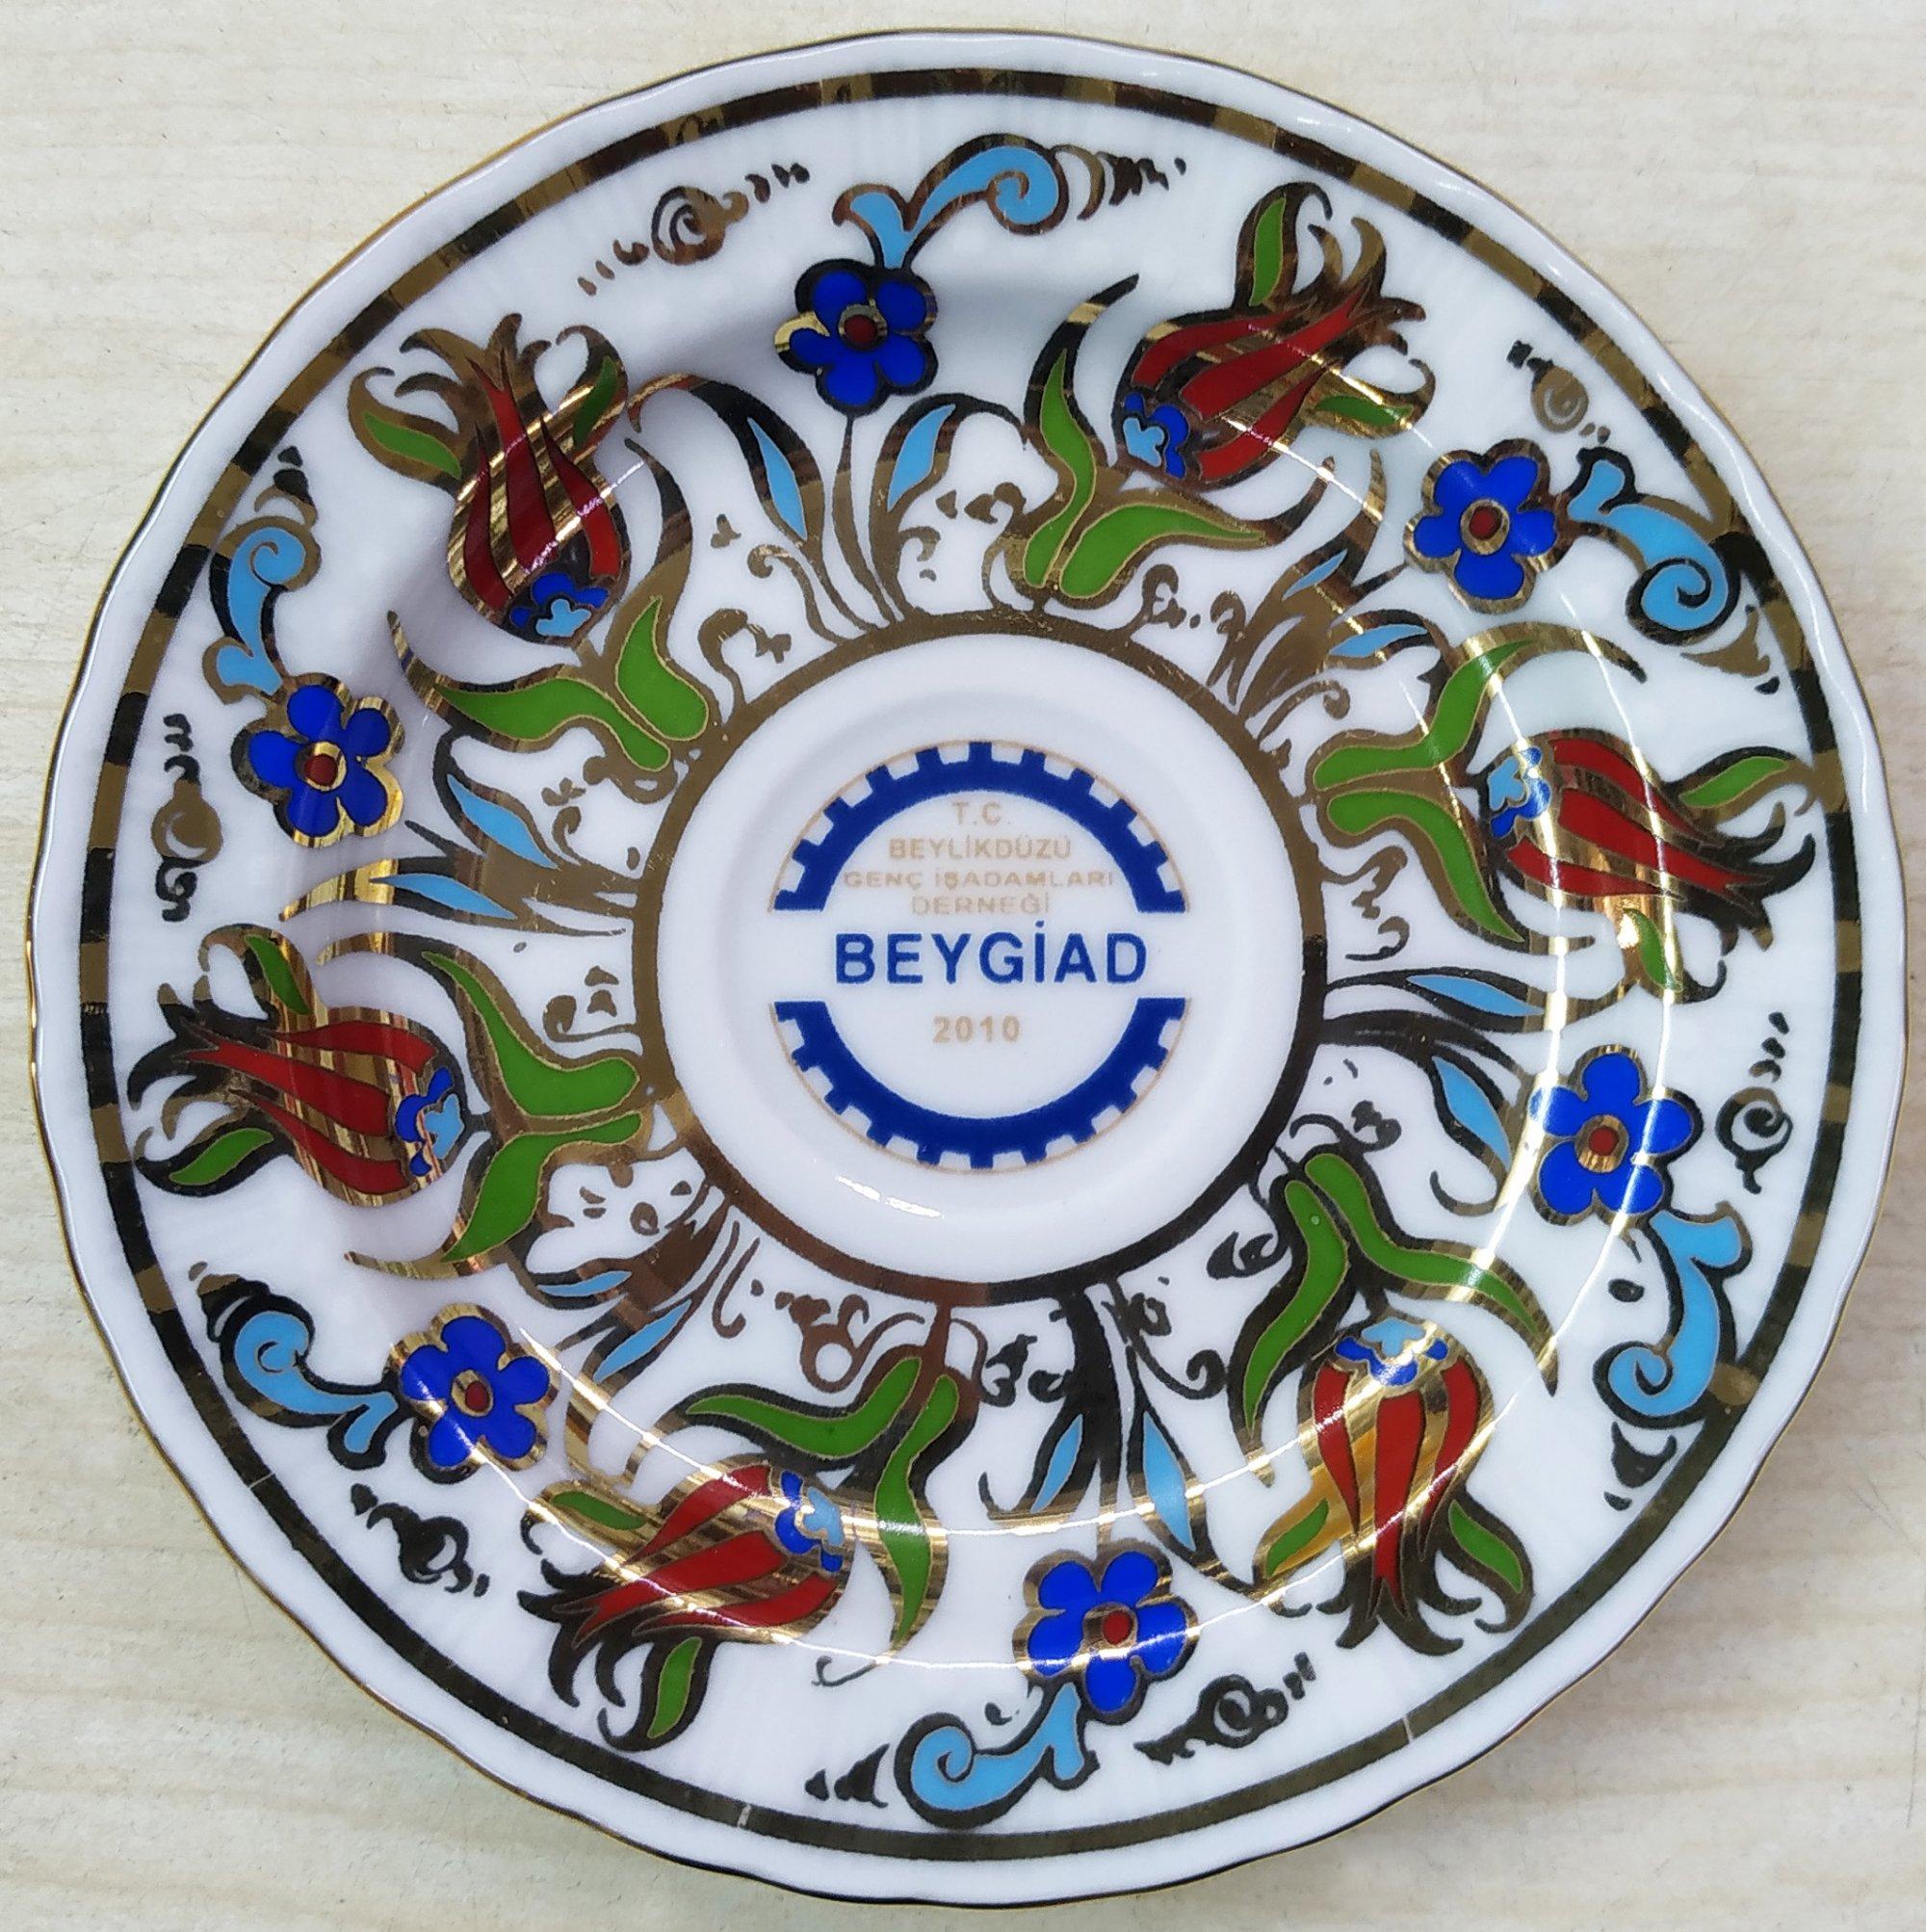 Kurumsal Logo Baskılı Kahve Fincan Setleri kalıcı logo baskılı promosyon fincan seti hediyelik  kahve fincan takımları Türk kahvesi hediye kutusu